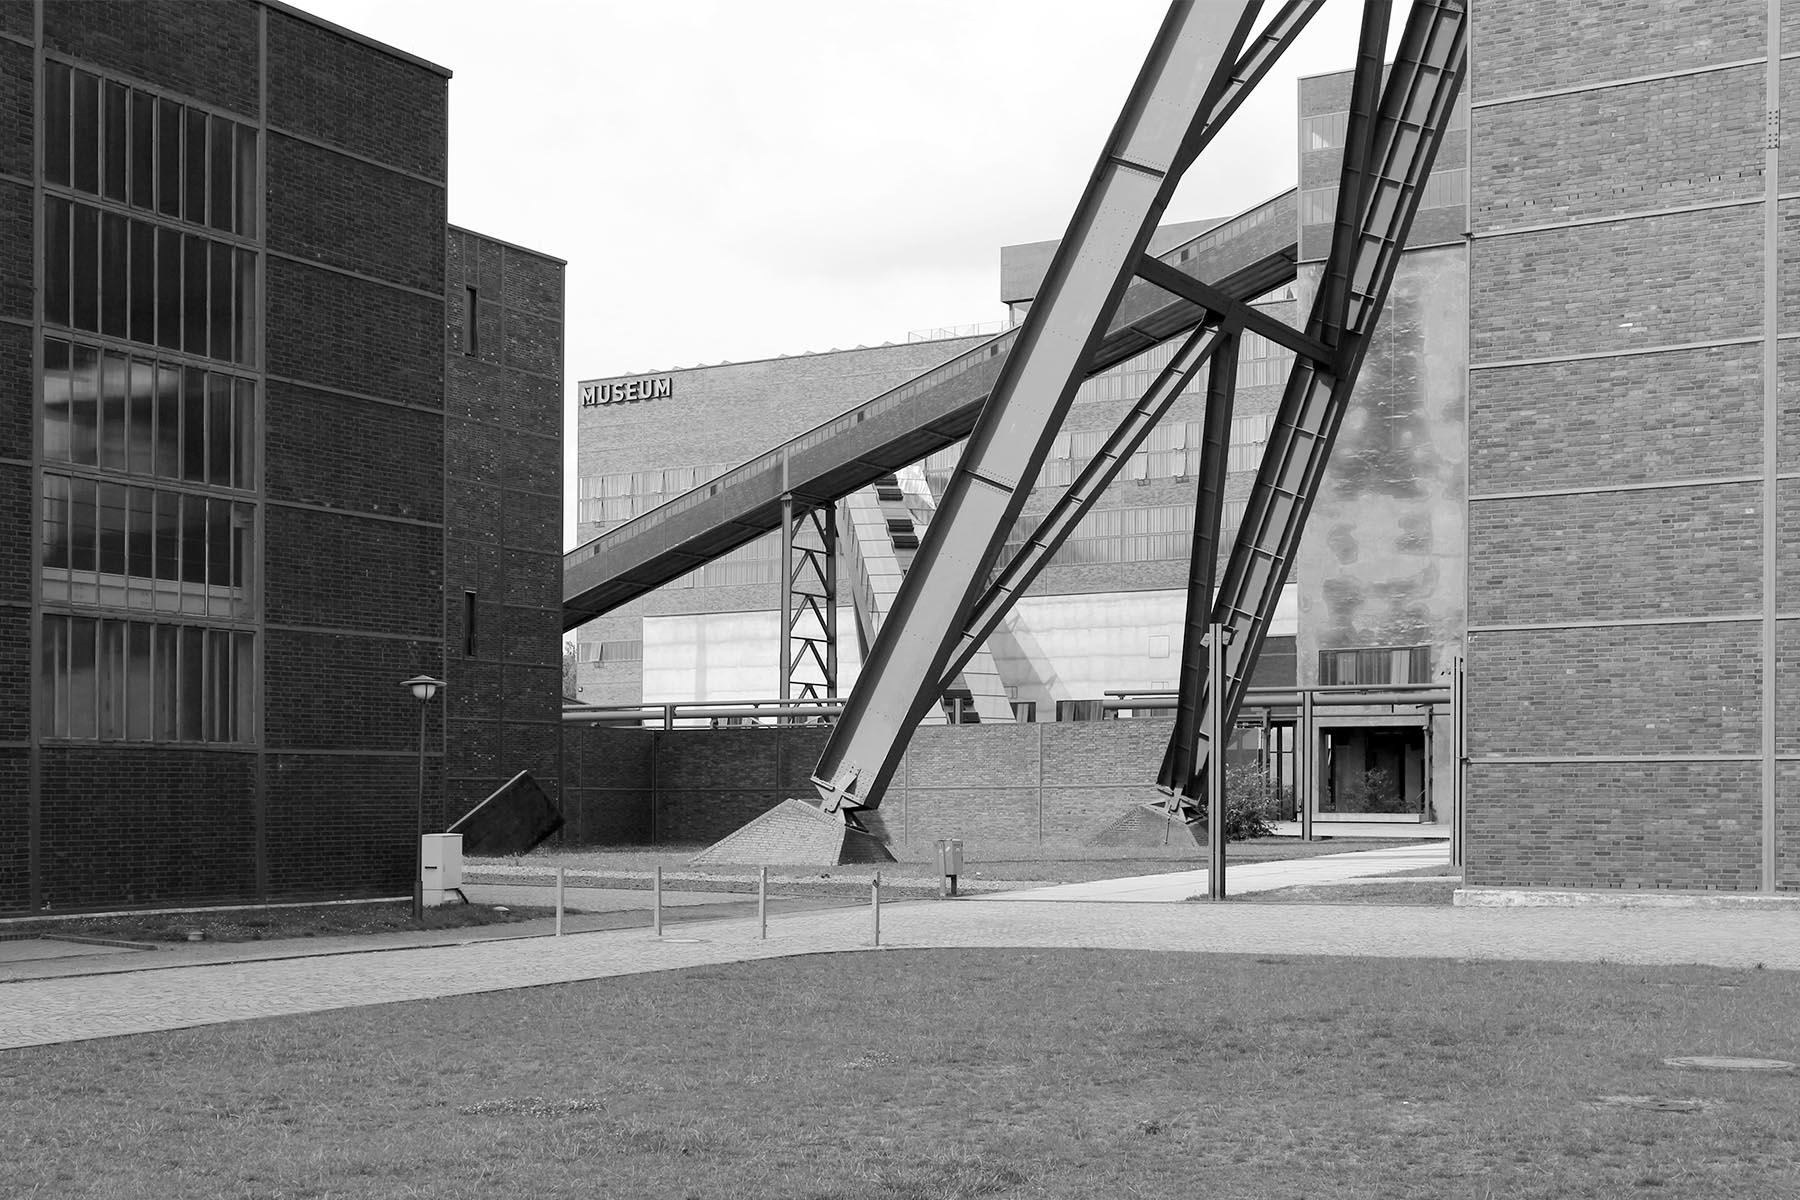 Zeche Zollverein.  ... von 1851 bis 1986 betrieben und ...